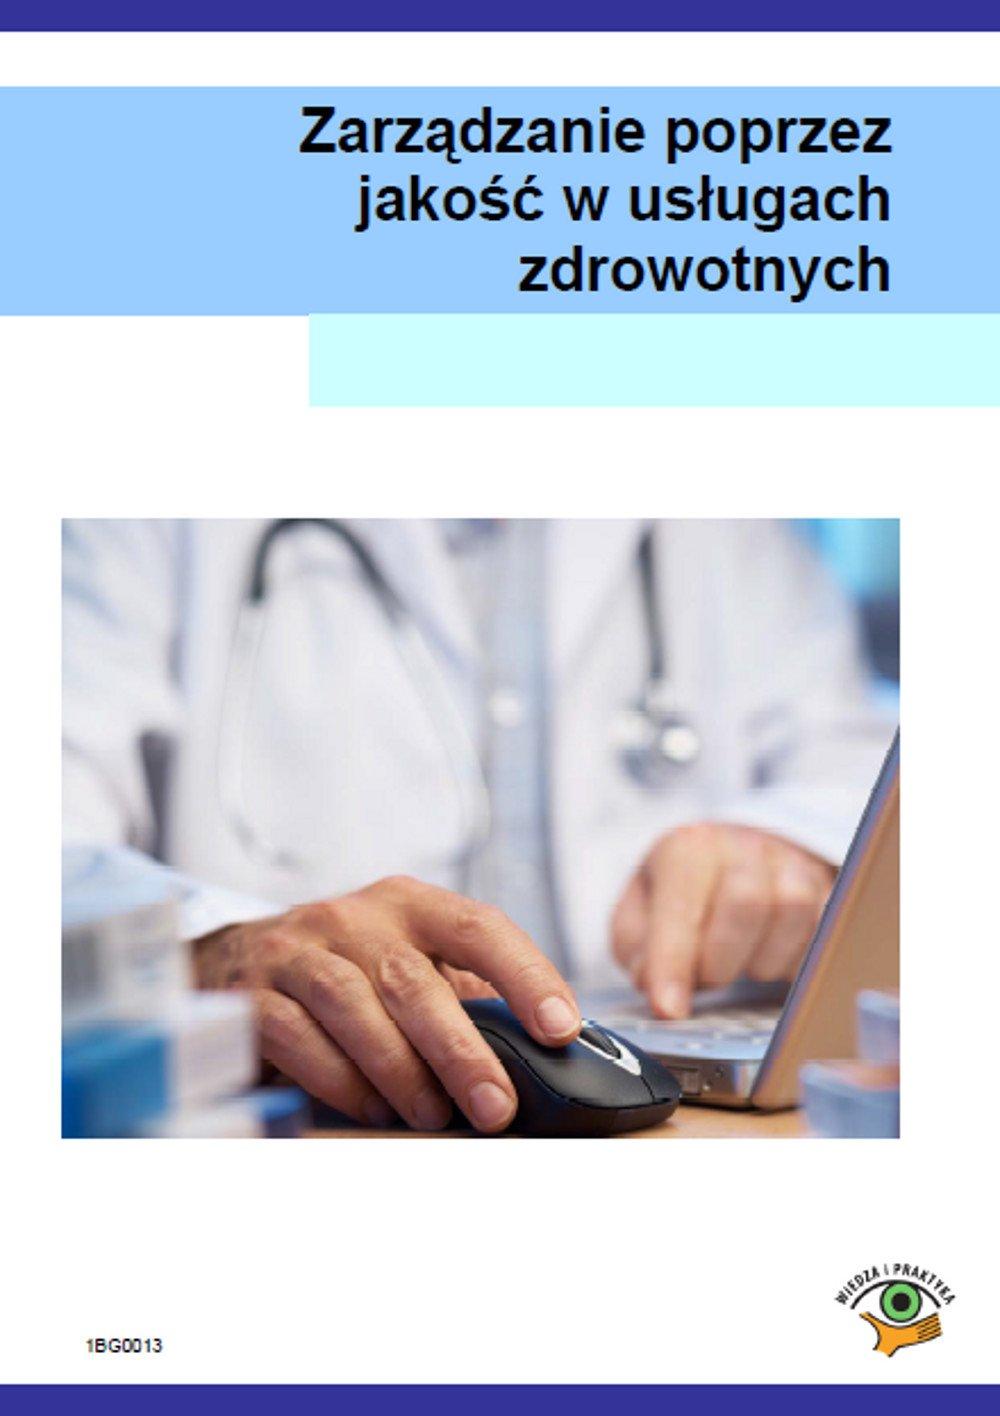 Zarządzanie poprzez jakość w usługach zdrowotnych - Ebook (Książka PDF) do pobrania w formacie PDF